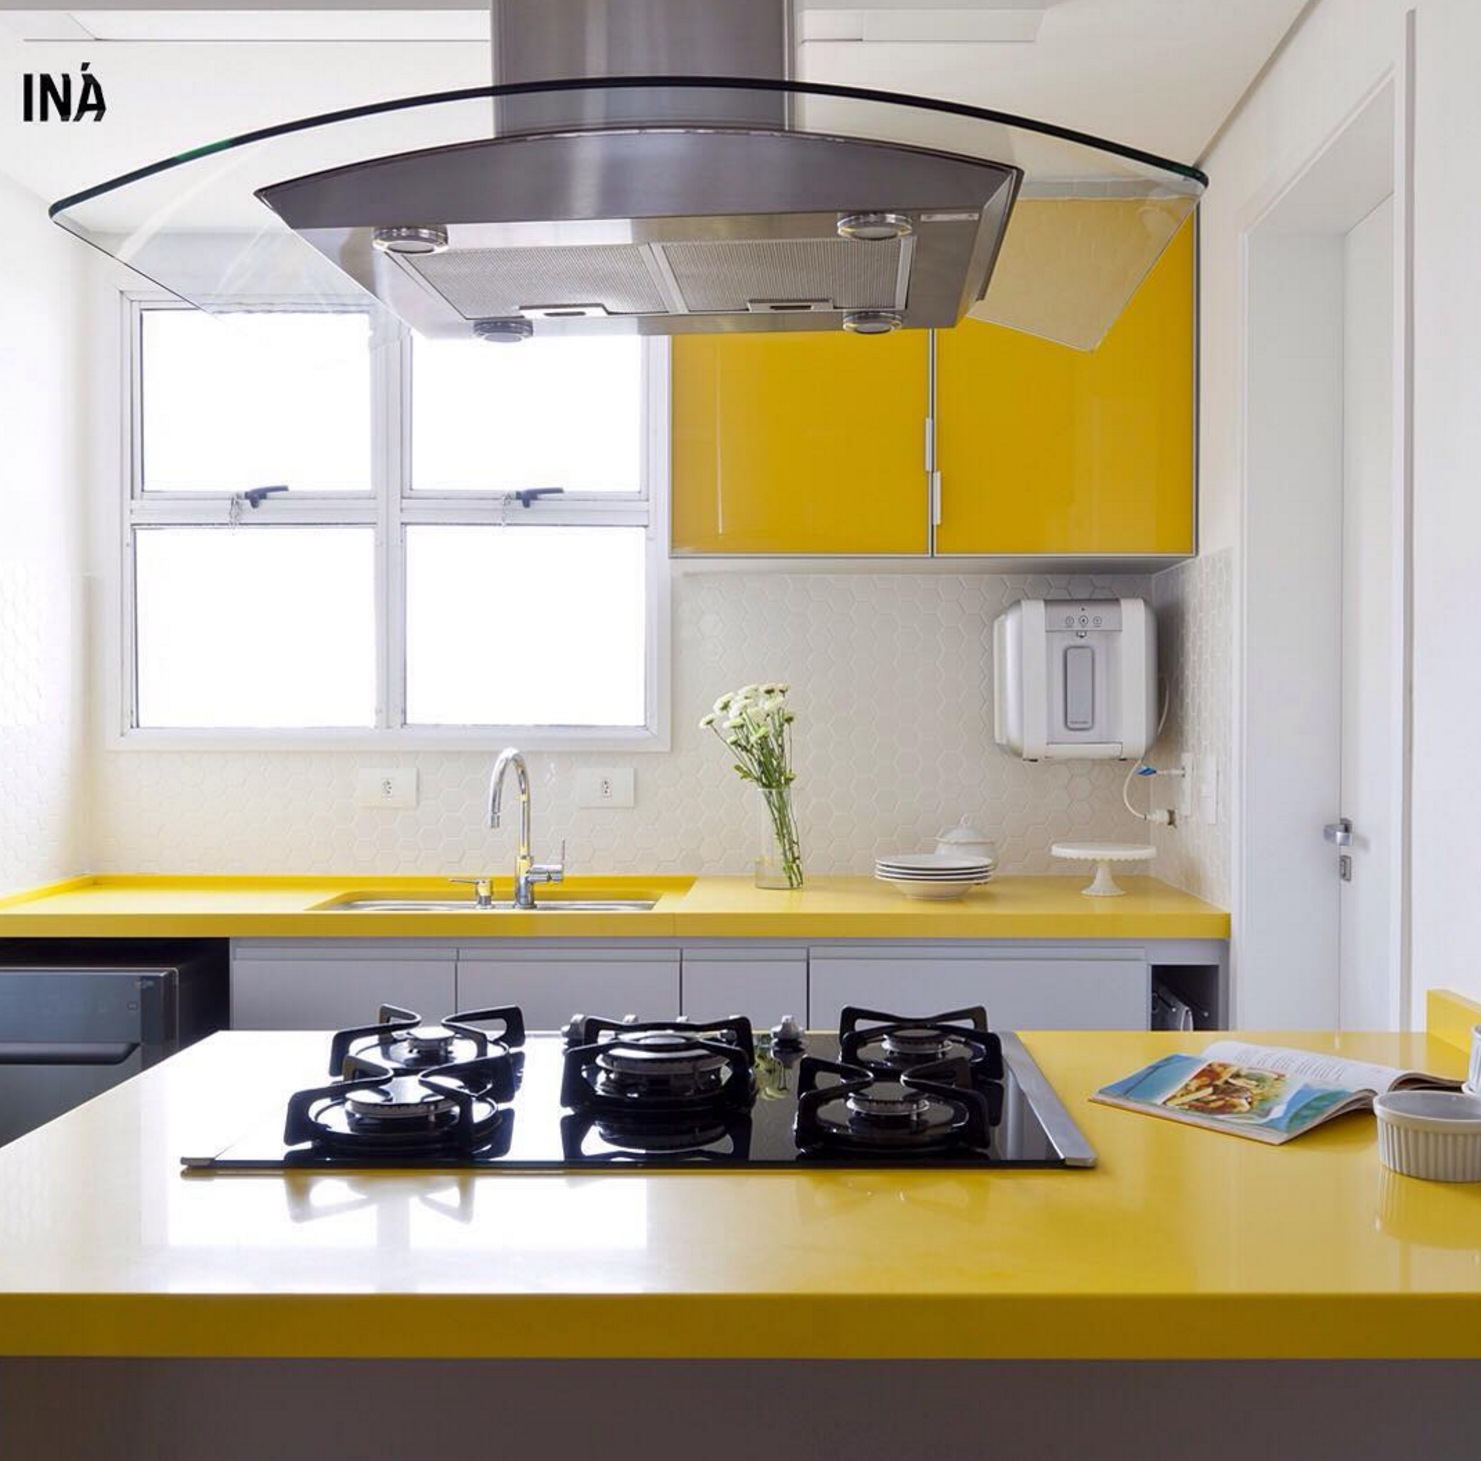 101 planos de casas: Una cocina moderna en amarillo